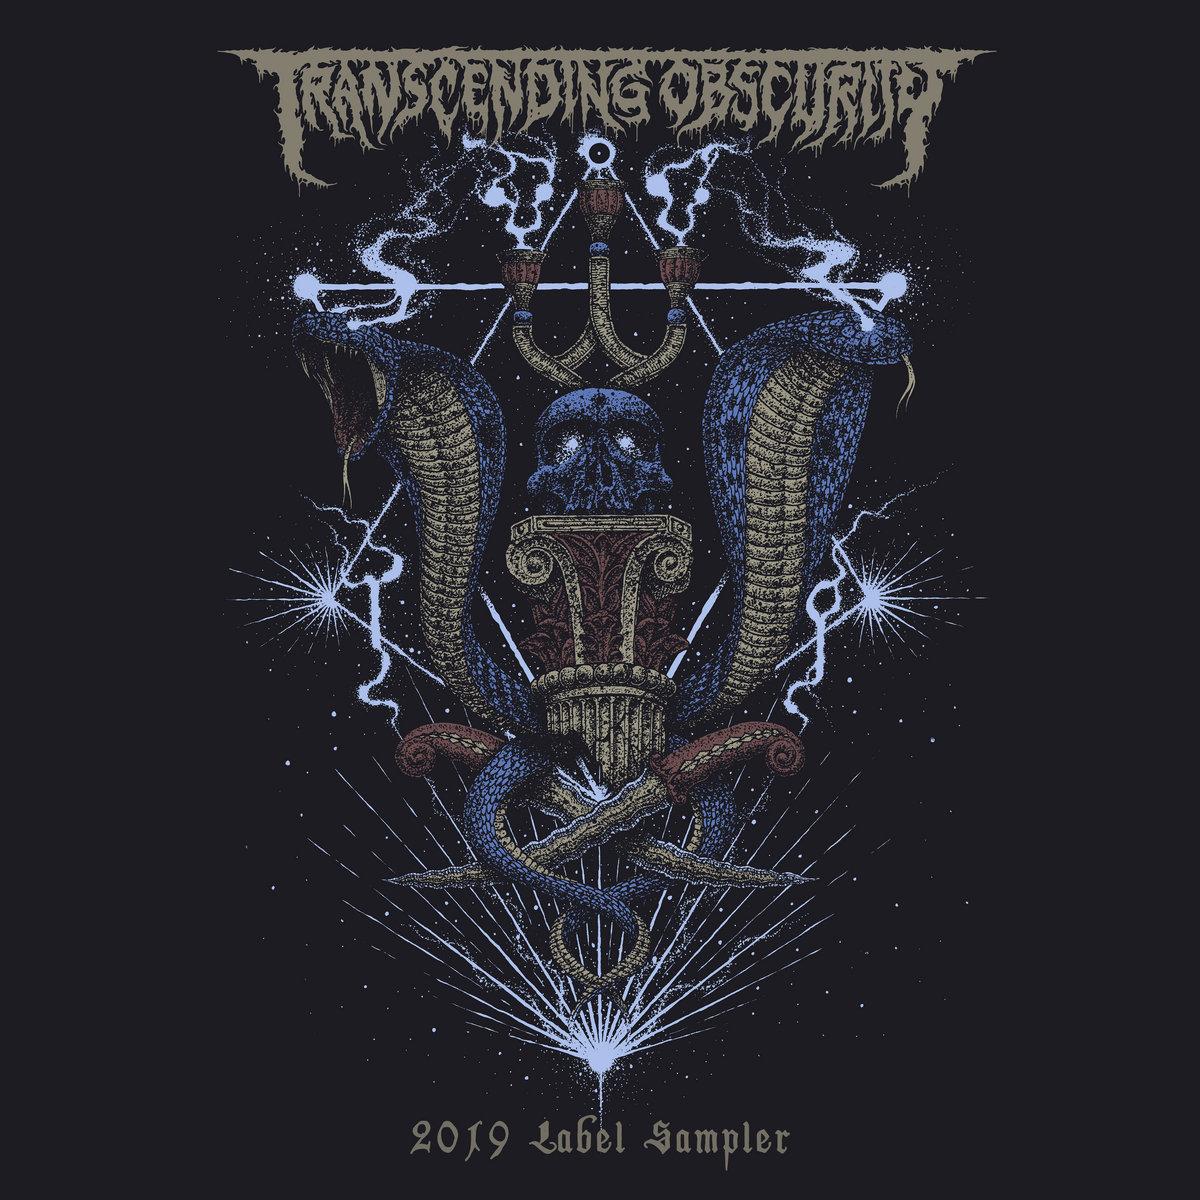 Label Sampler 2019 | Transcending Obscurity Records